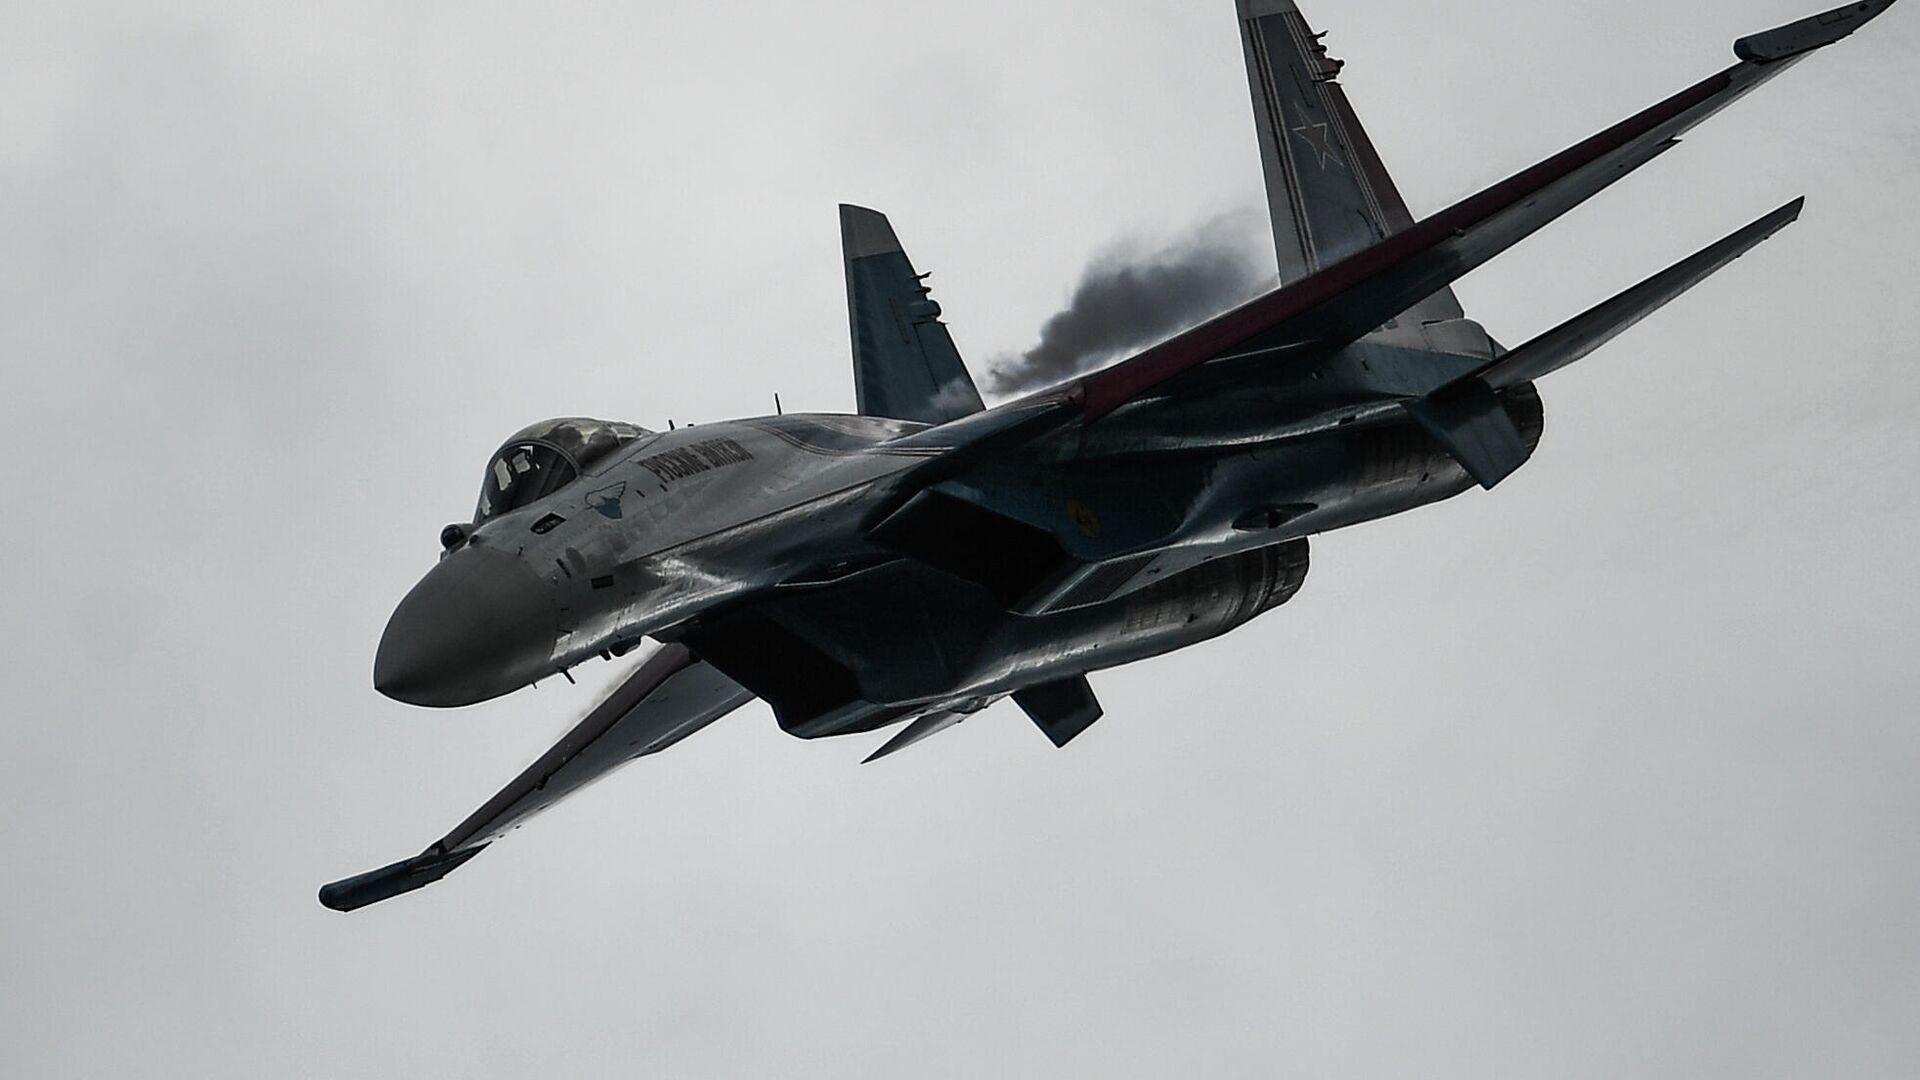 Caza ruso Su-35S - Sputnik Mundo, 1920, 31.08.2021